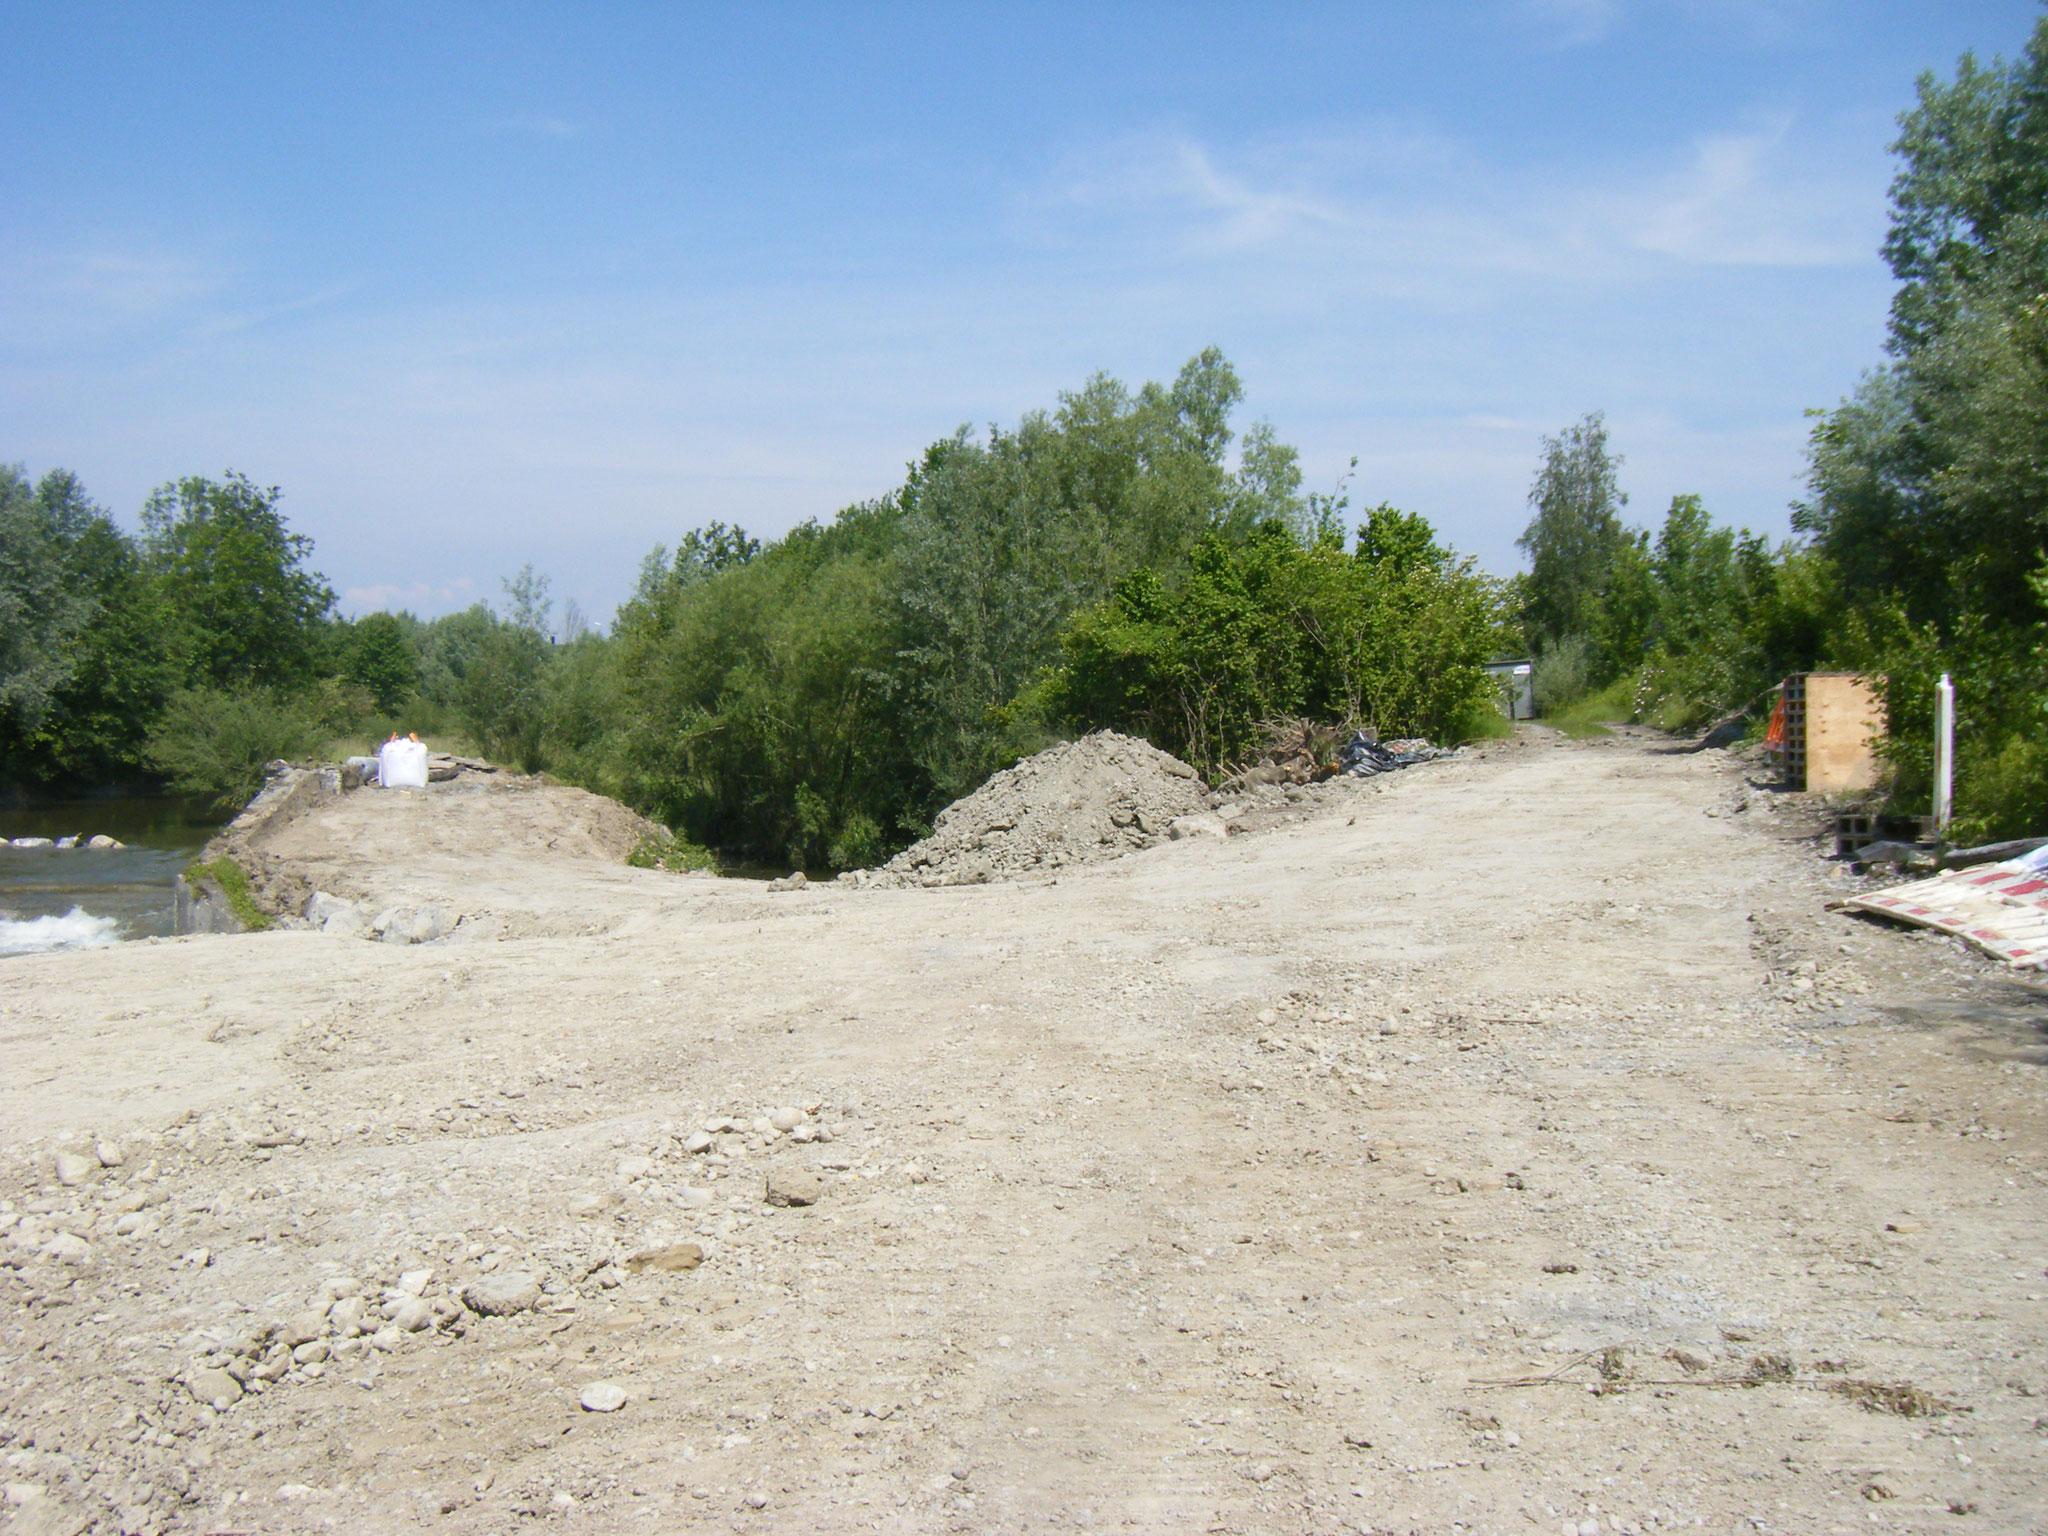 die ganze östliche Fläche ist eingeebnet und ein breiter, stabiler Wall leitet den Allmannsweiler Bach durch das Rohr